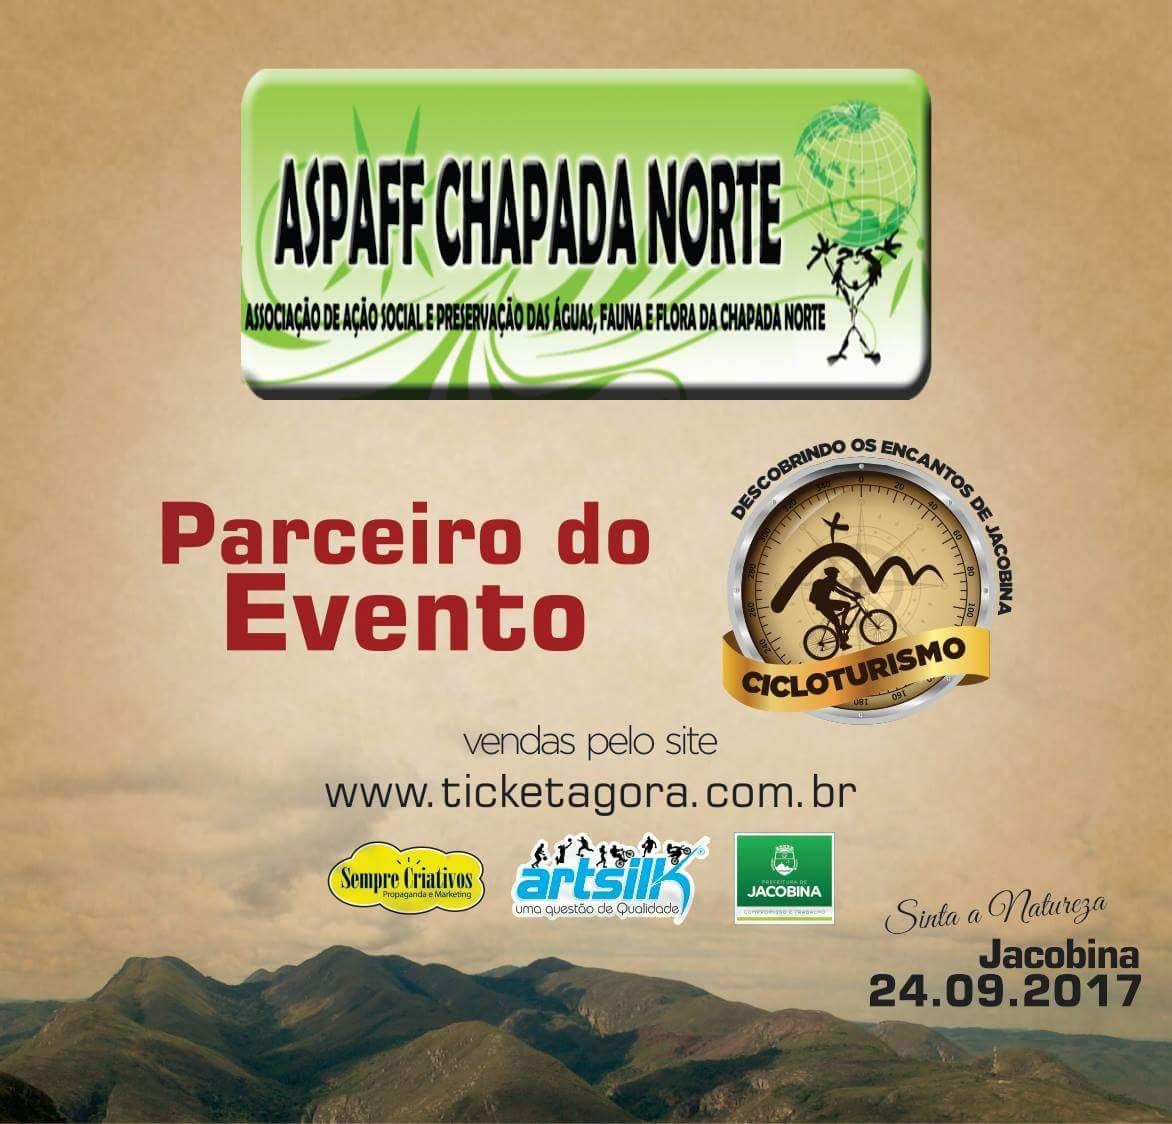 ASPAFF APOIA ESTE EVENTO - ACESSE